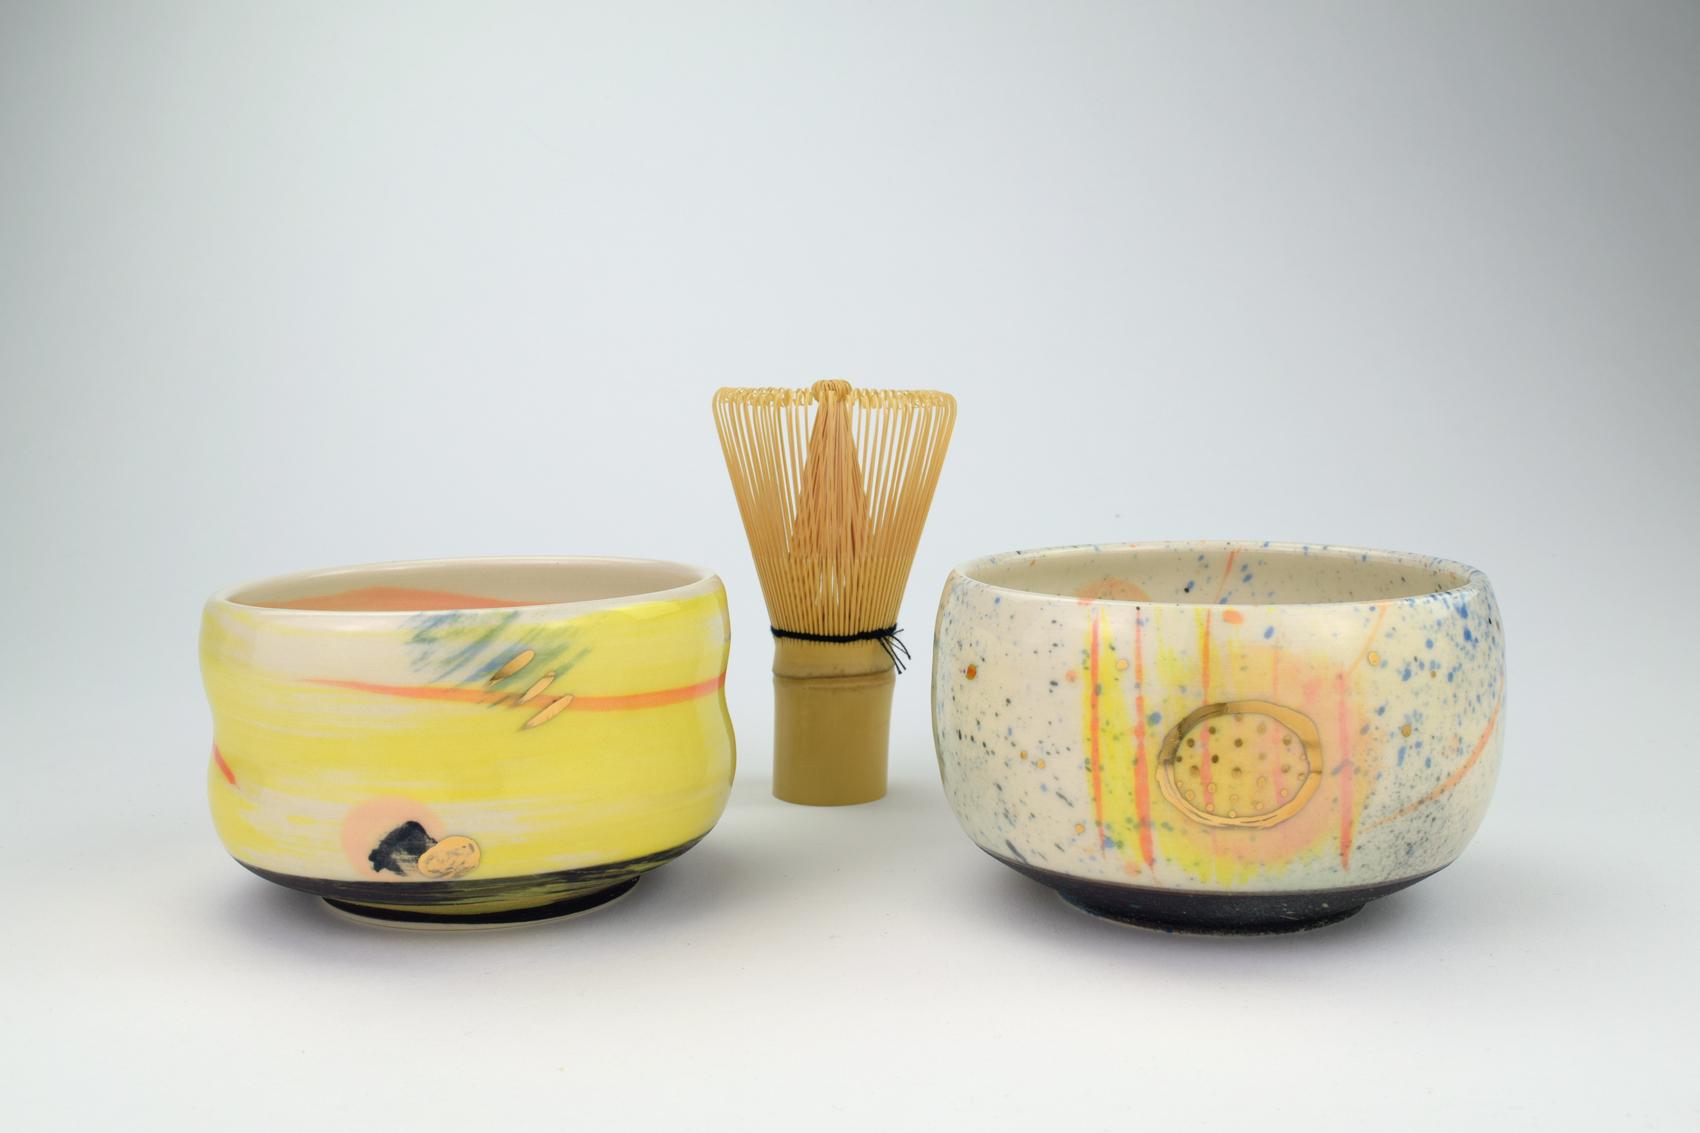 matcha-bowls-tanyadoody.jpg